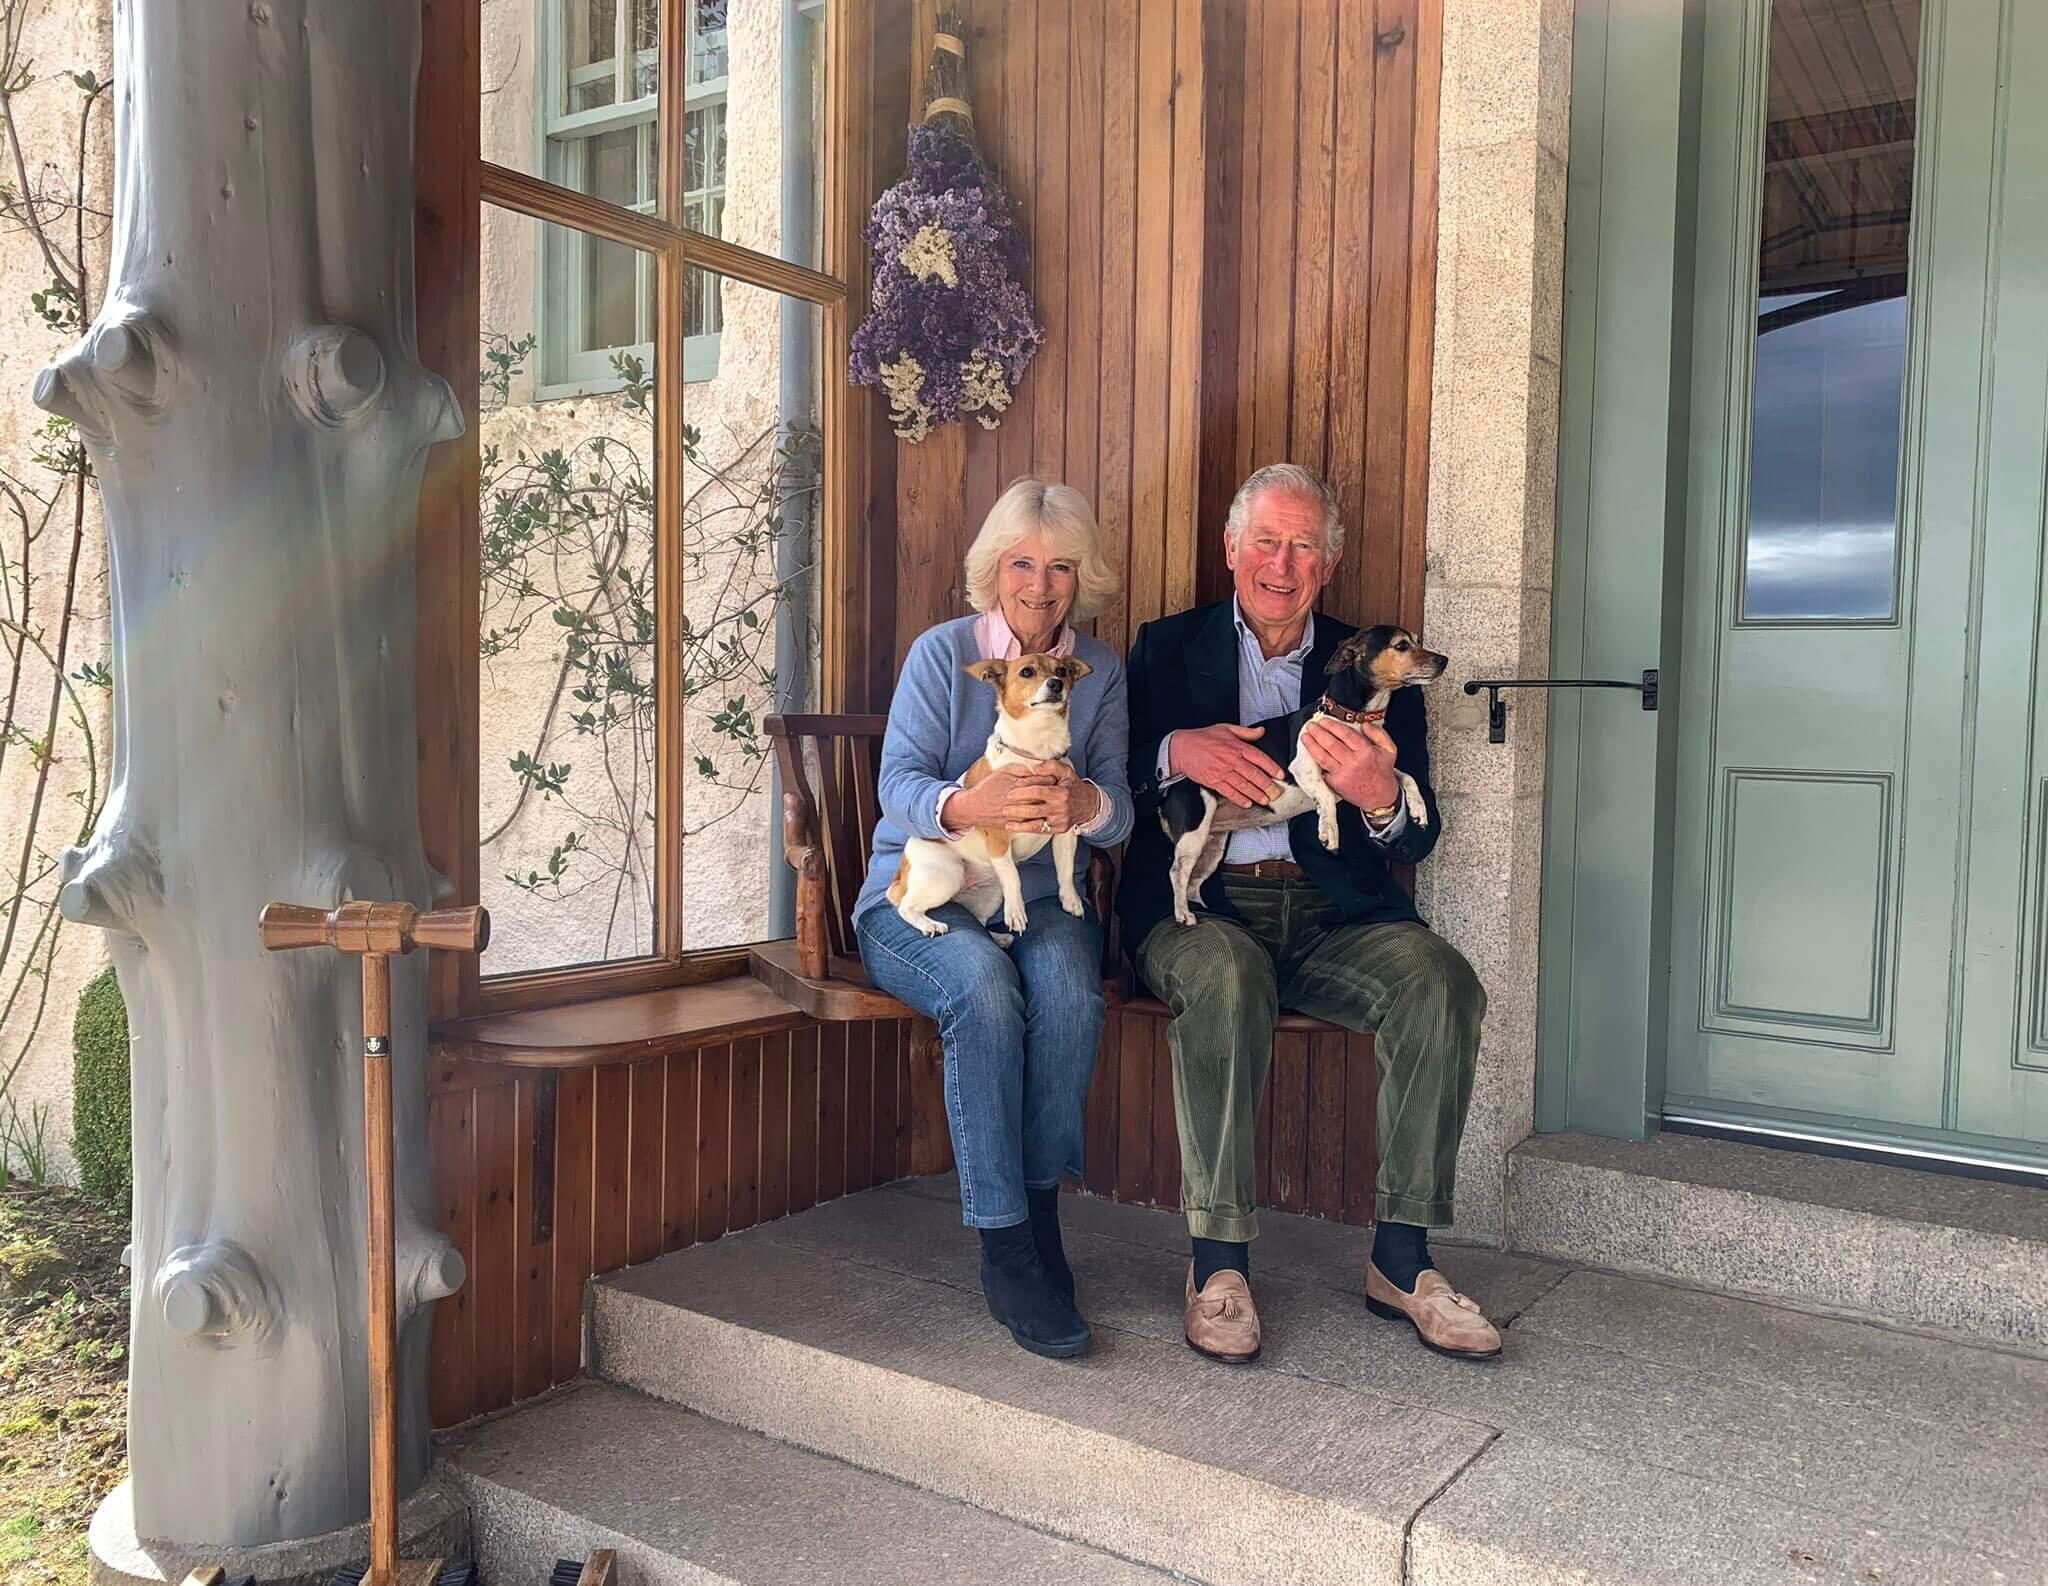 Prinz Charles und Herzogin Camilla feiern ihren 15. Hochzeitstag auf ihrem schottischen Anwesen Birkhall mit den Hunden Bluebell und Beth.  © Clarence House